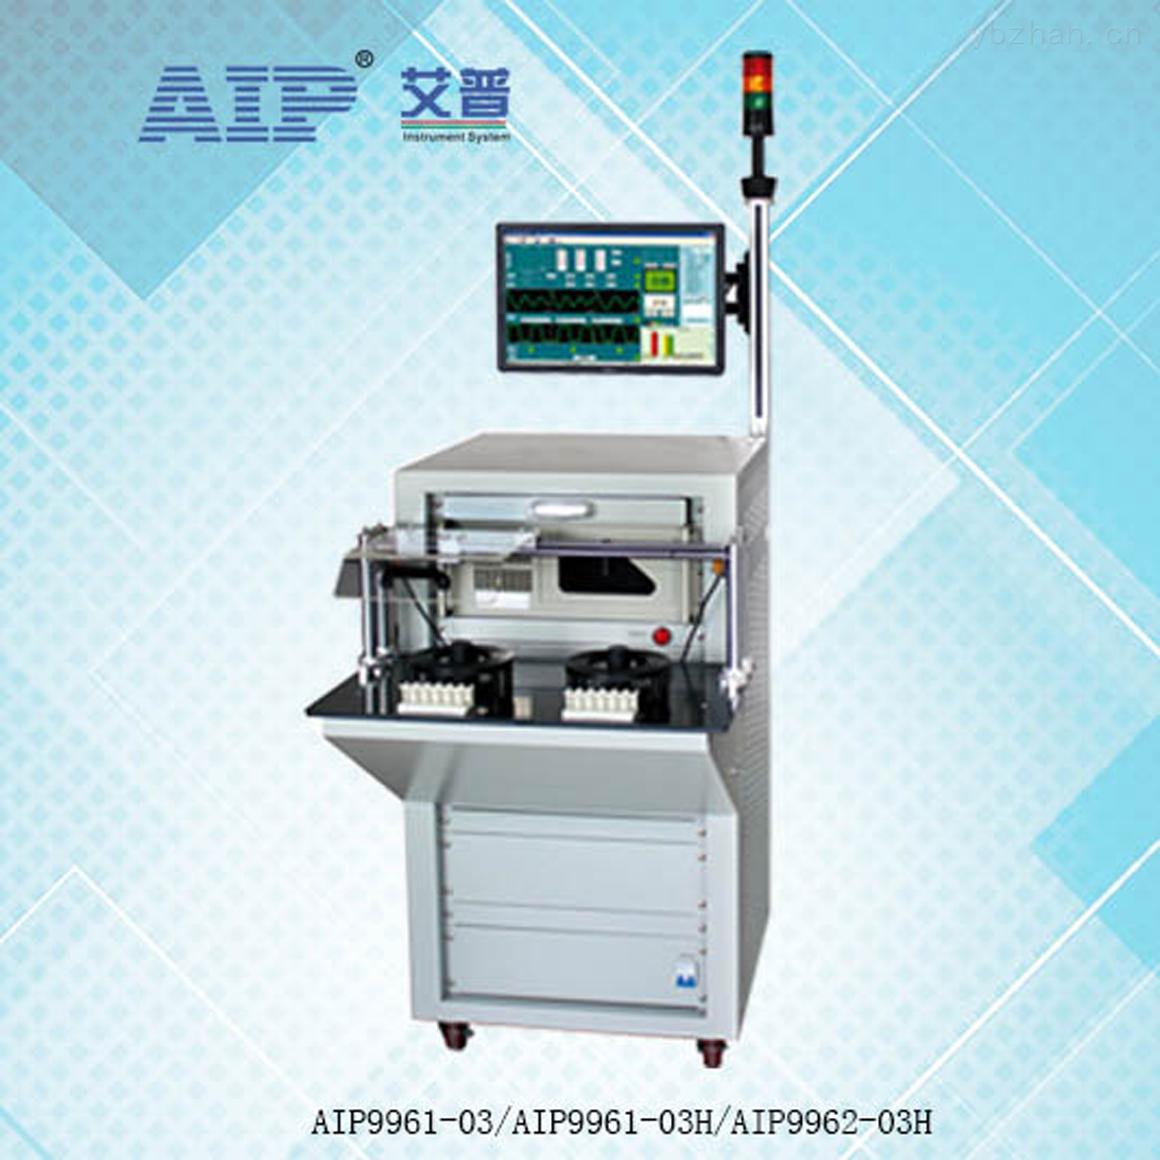 單相電機定子綜合測試系統